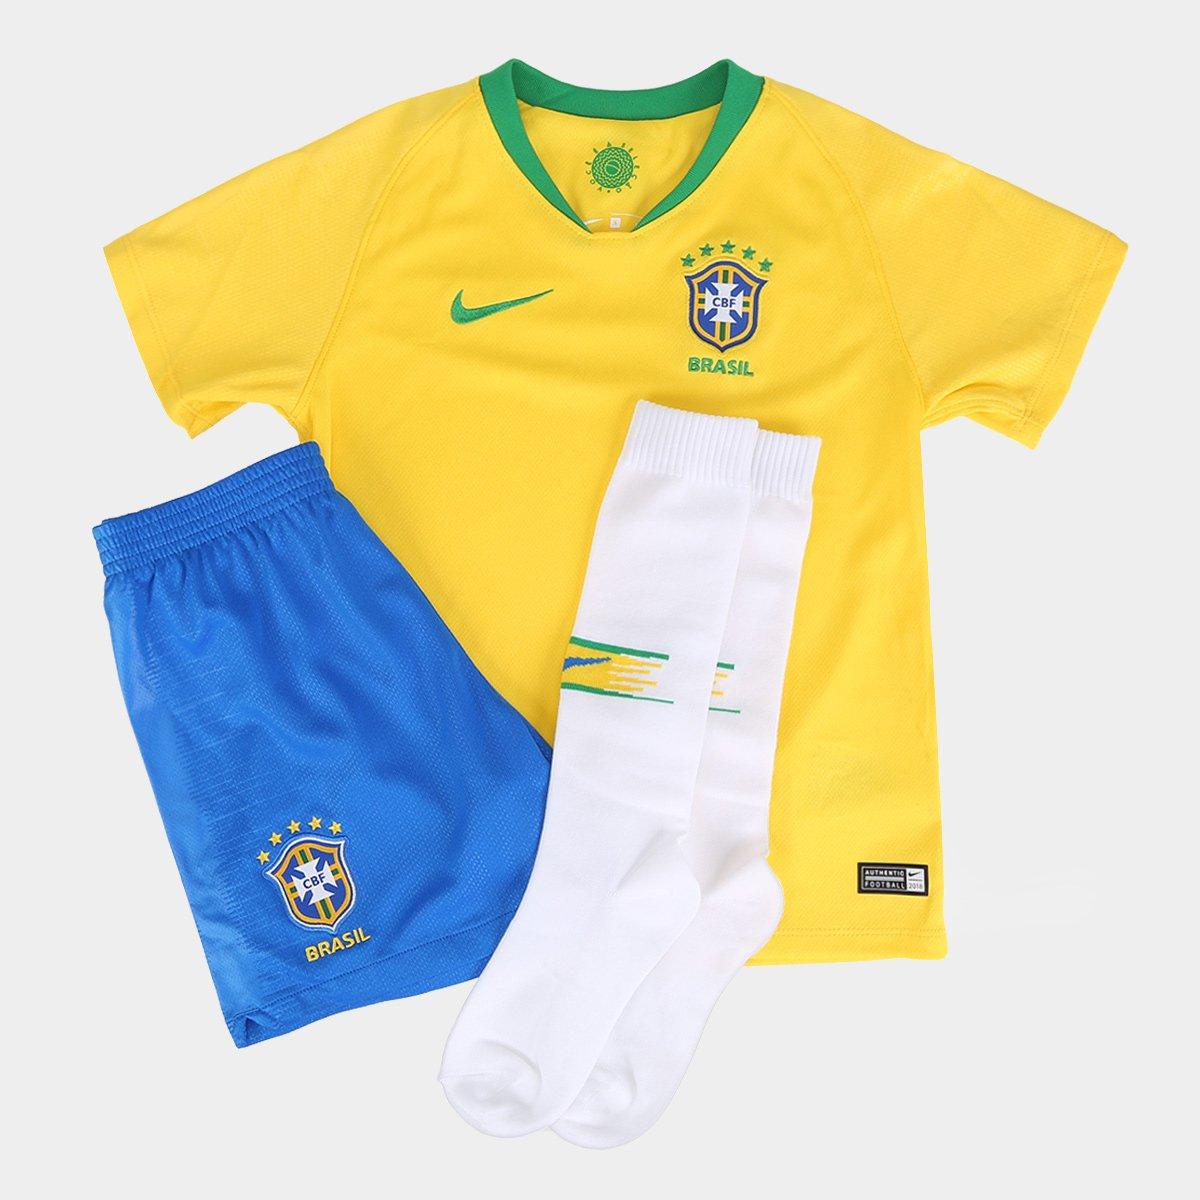 19f2e4bec6 Kit Seleção Brasil Infantil I 2018 Nike - Amarelo e Verde - Compre ...